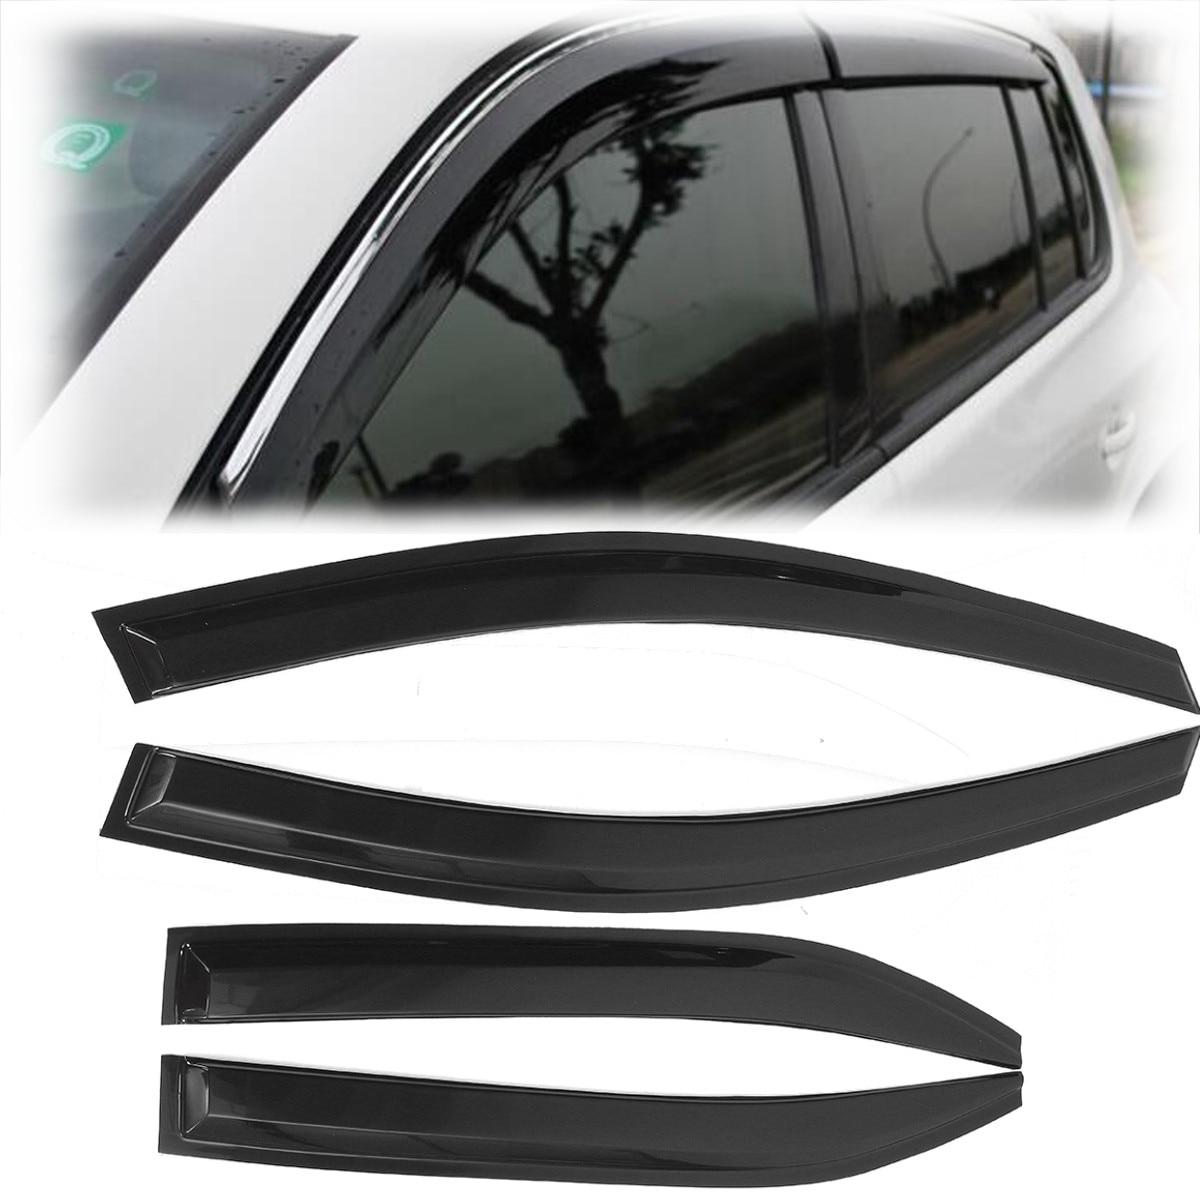 واقي نافذة السيارة واقي من المطر حاجب من الشمس حاجب من التهوية حاجب للرياح لسيارة تويوتا كامري 2007 2008 2009 2010 2011